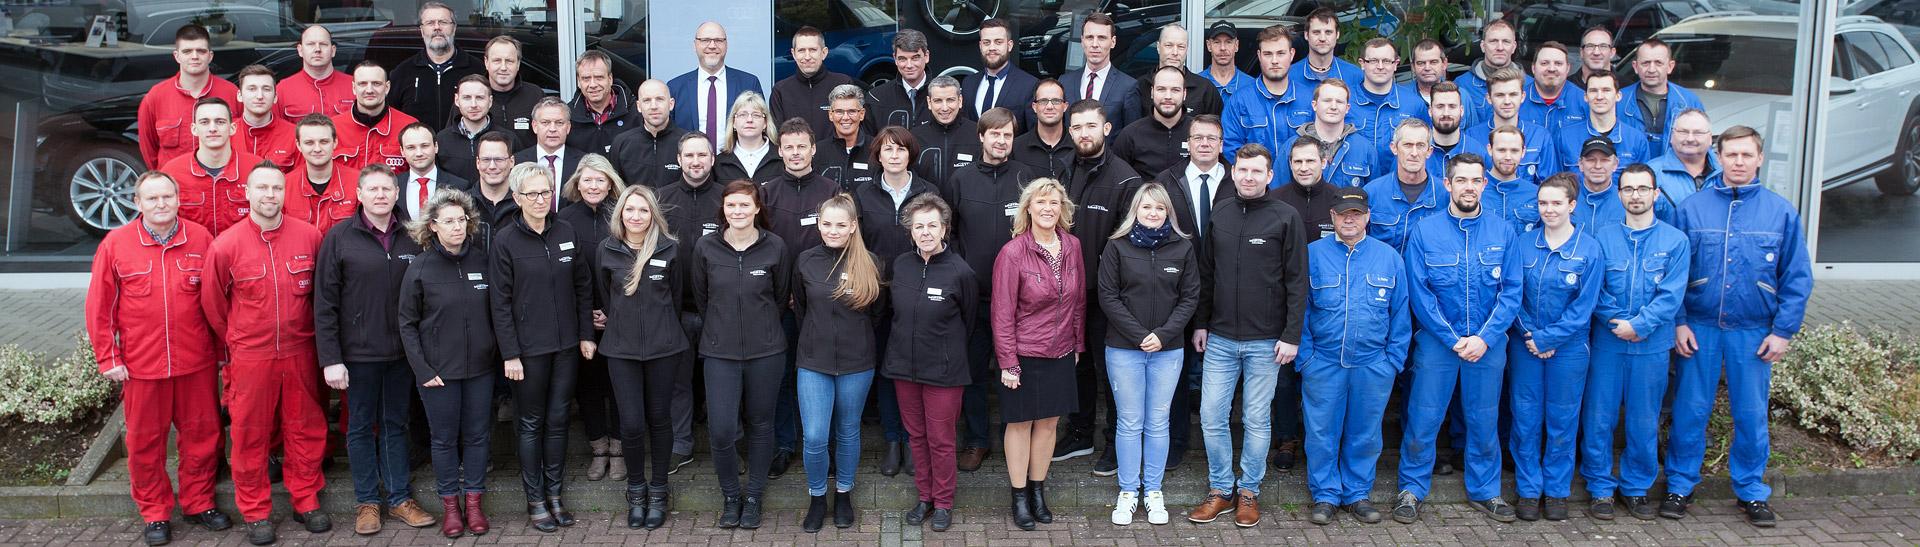 Schmidt Team 2019